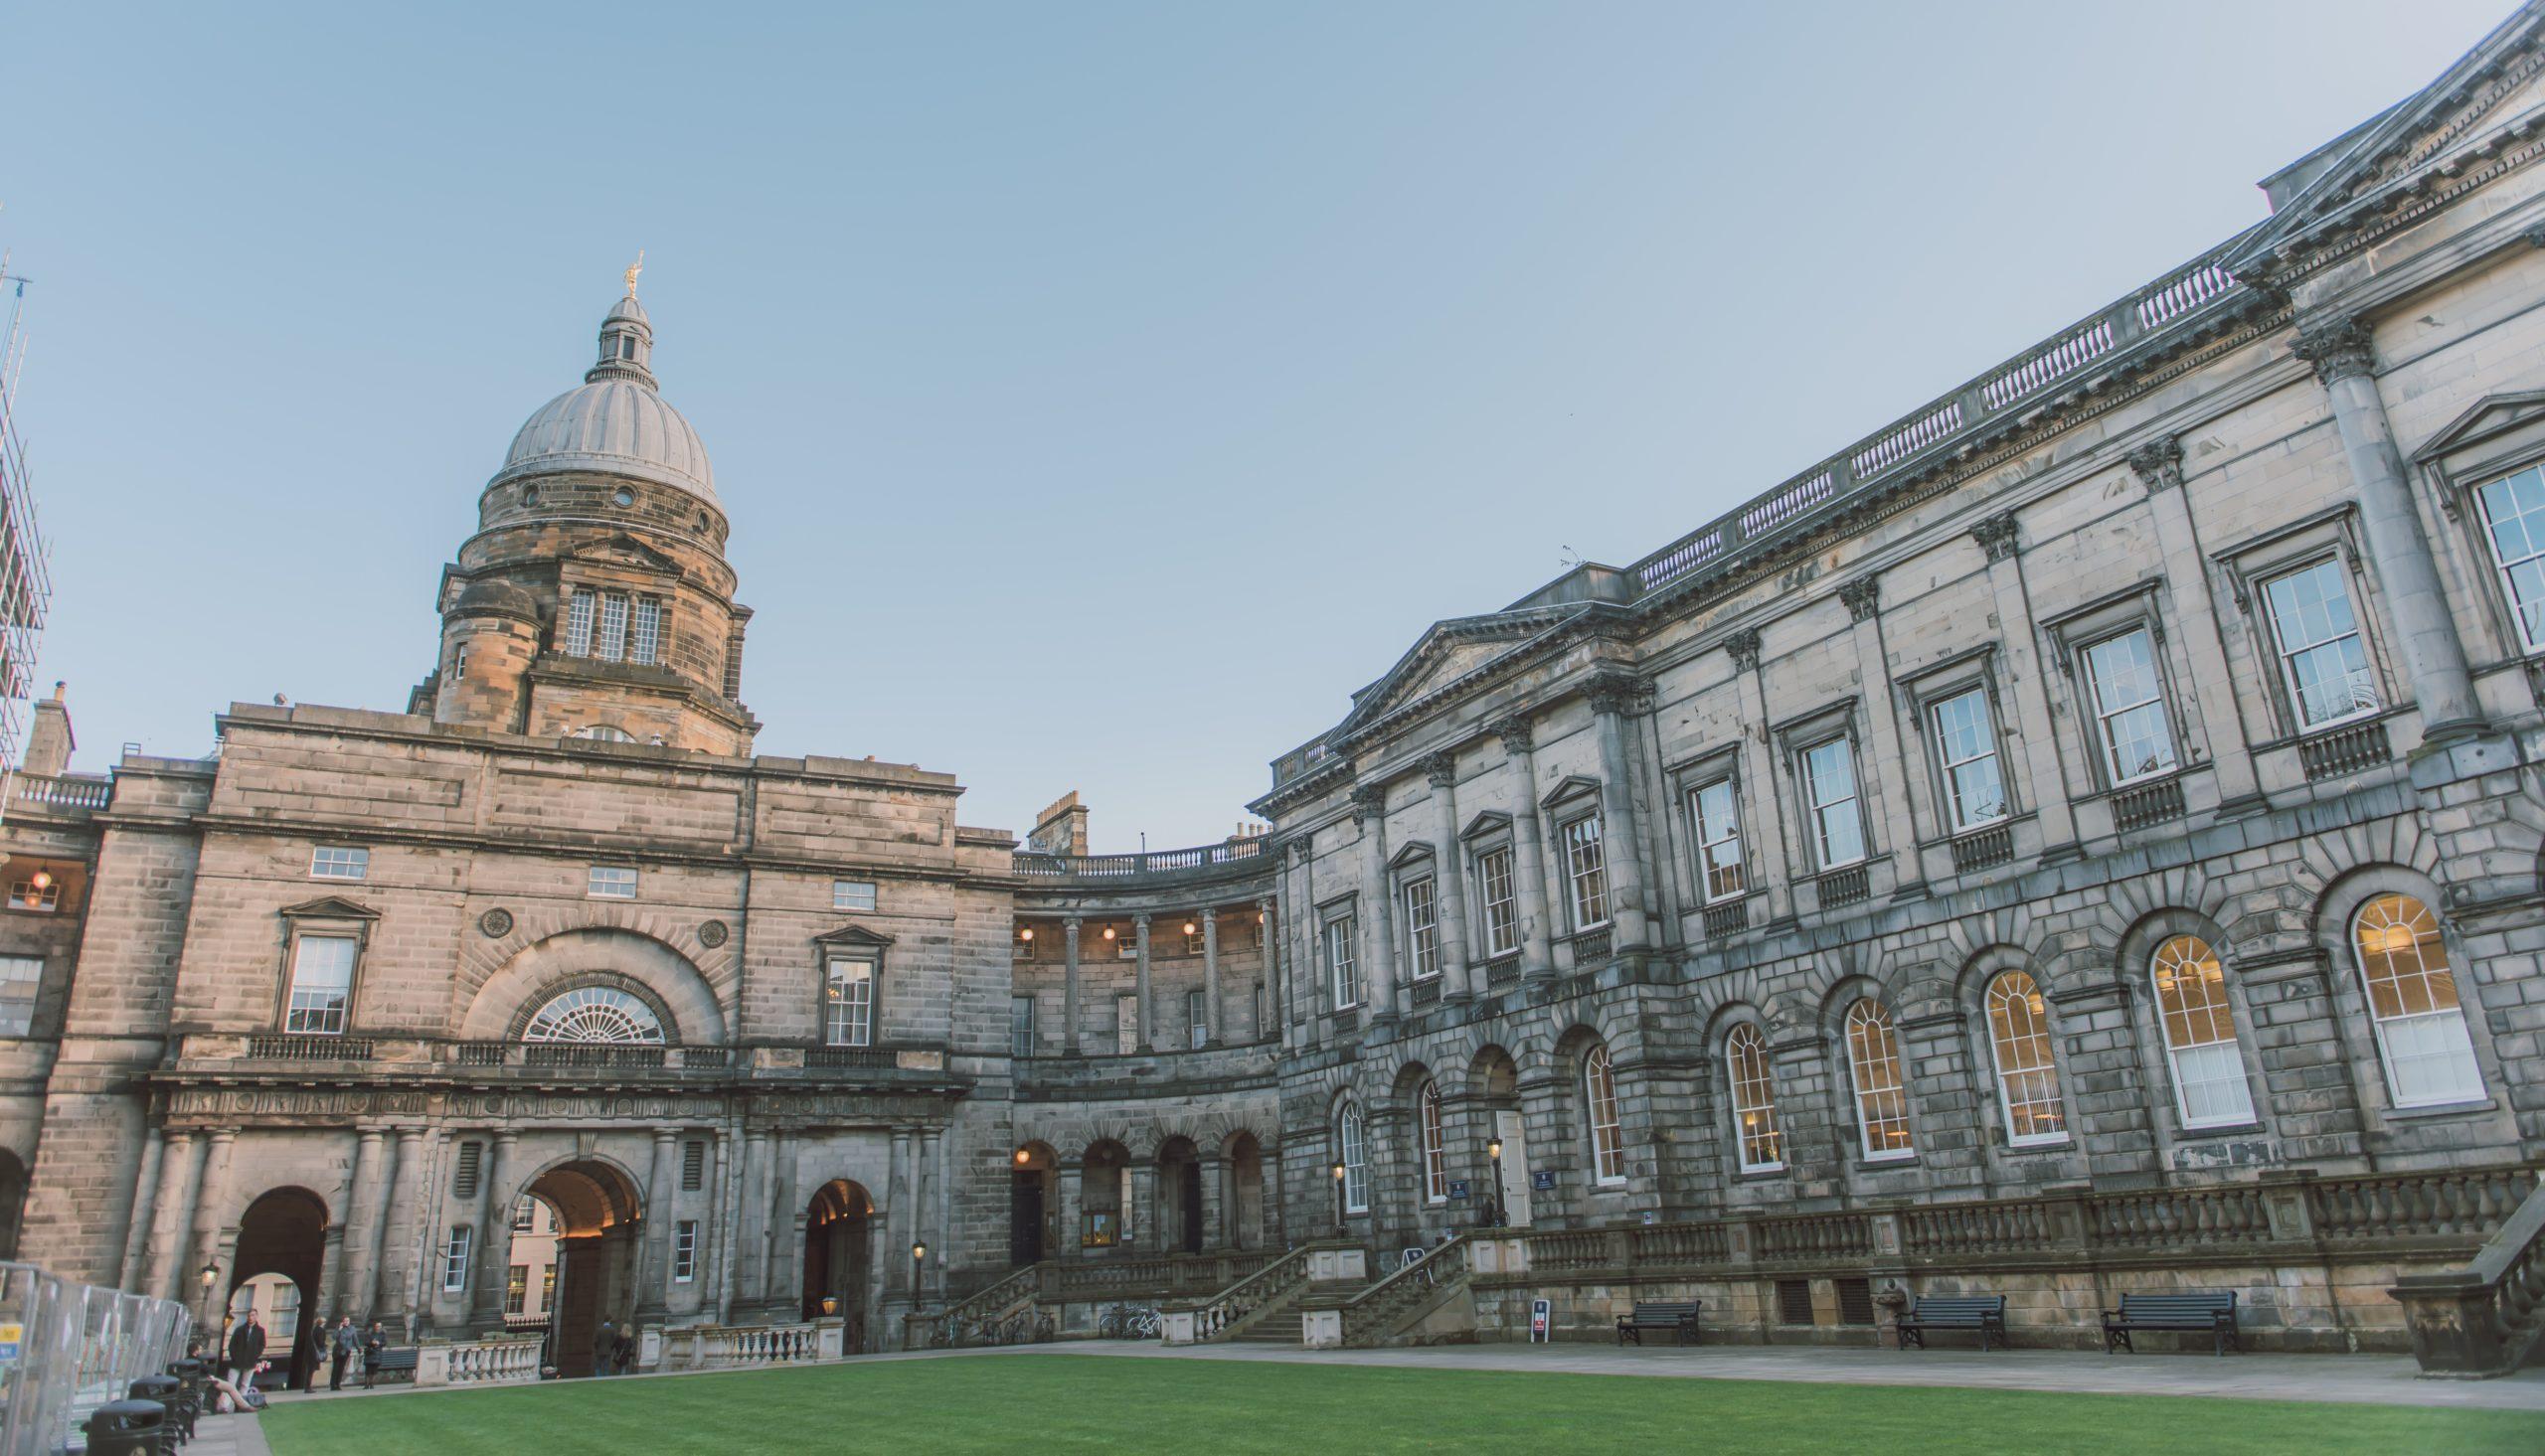 Universidade de Edimburgo: 436 anos de história